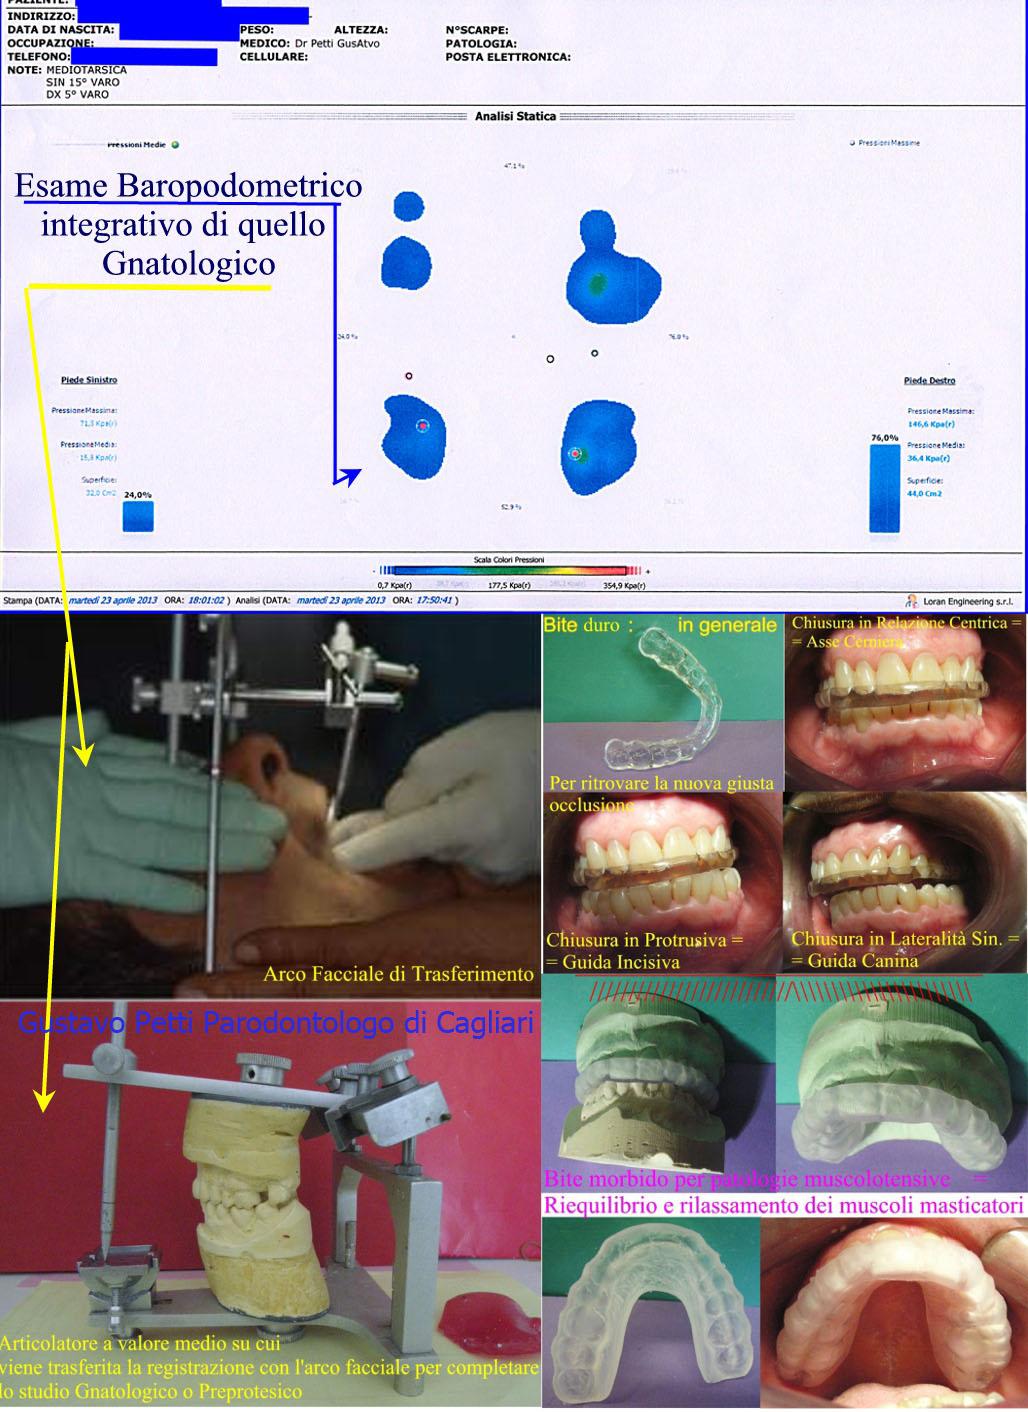 analisi-gnatologica-dr-g.petti-cagliari-303.jpg